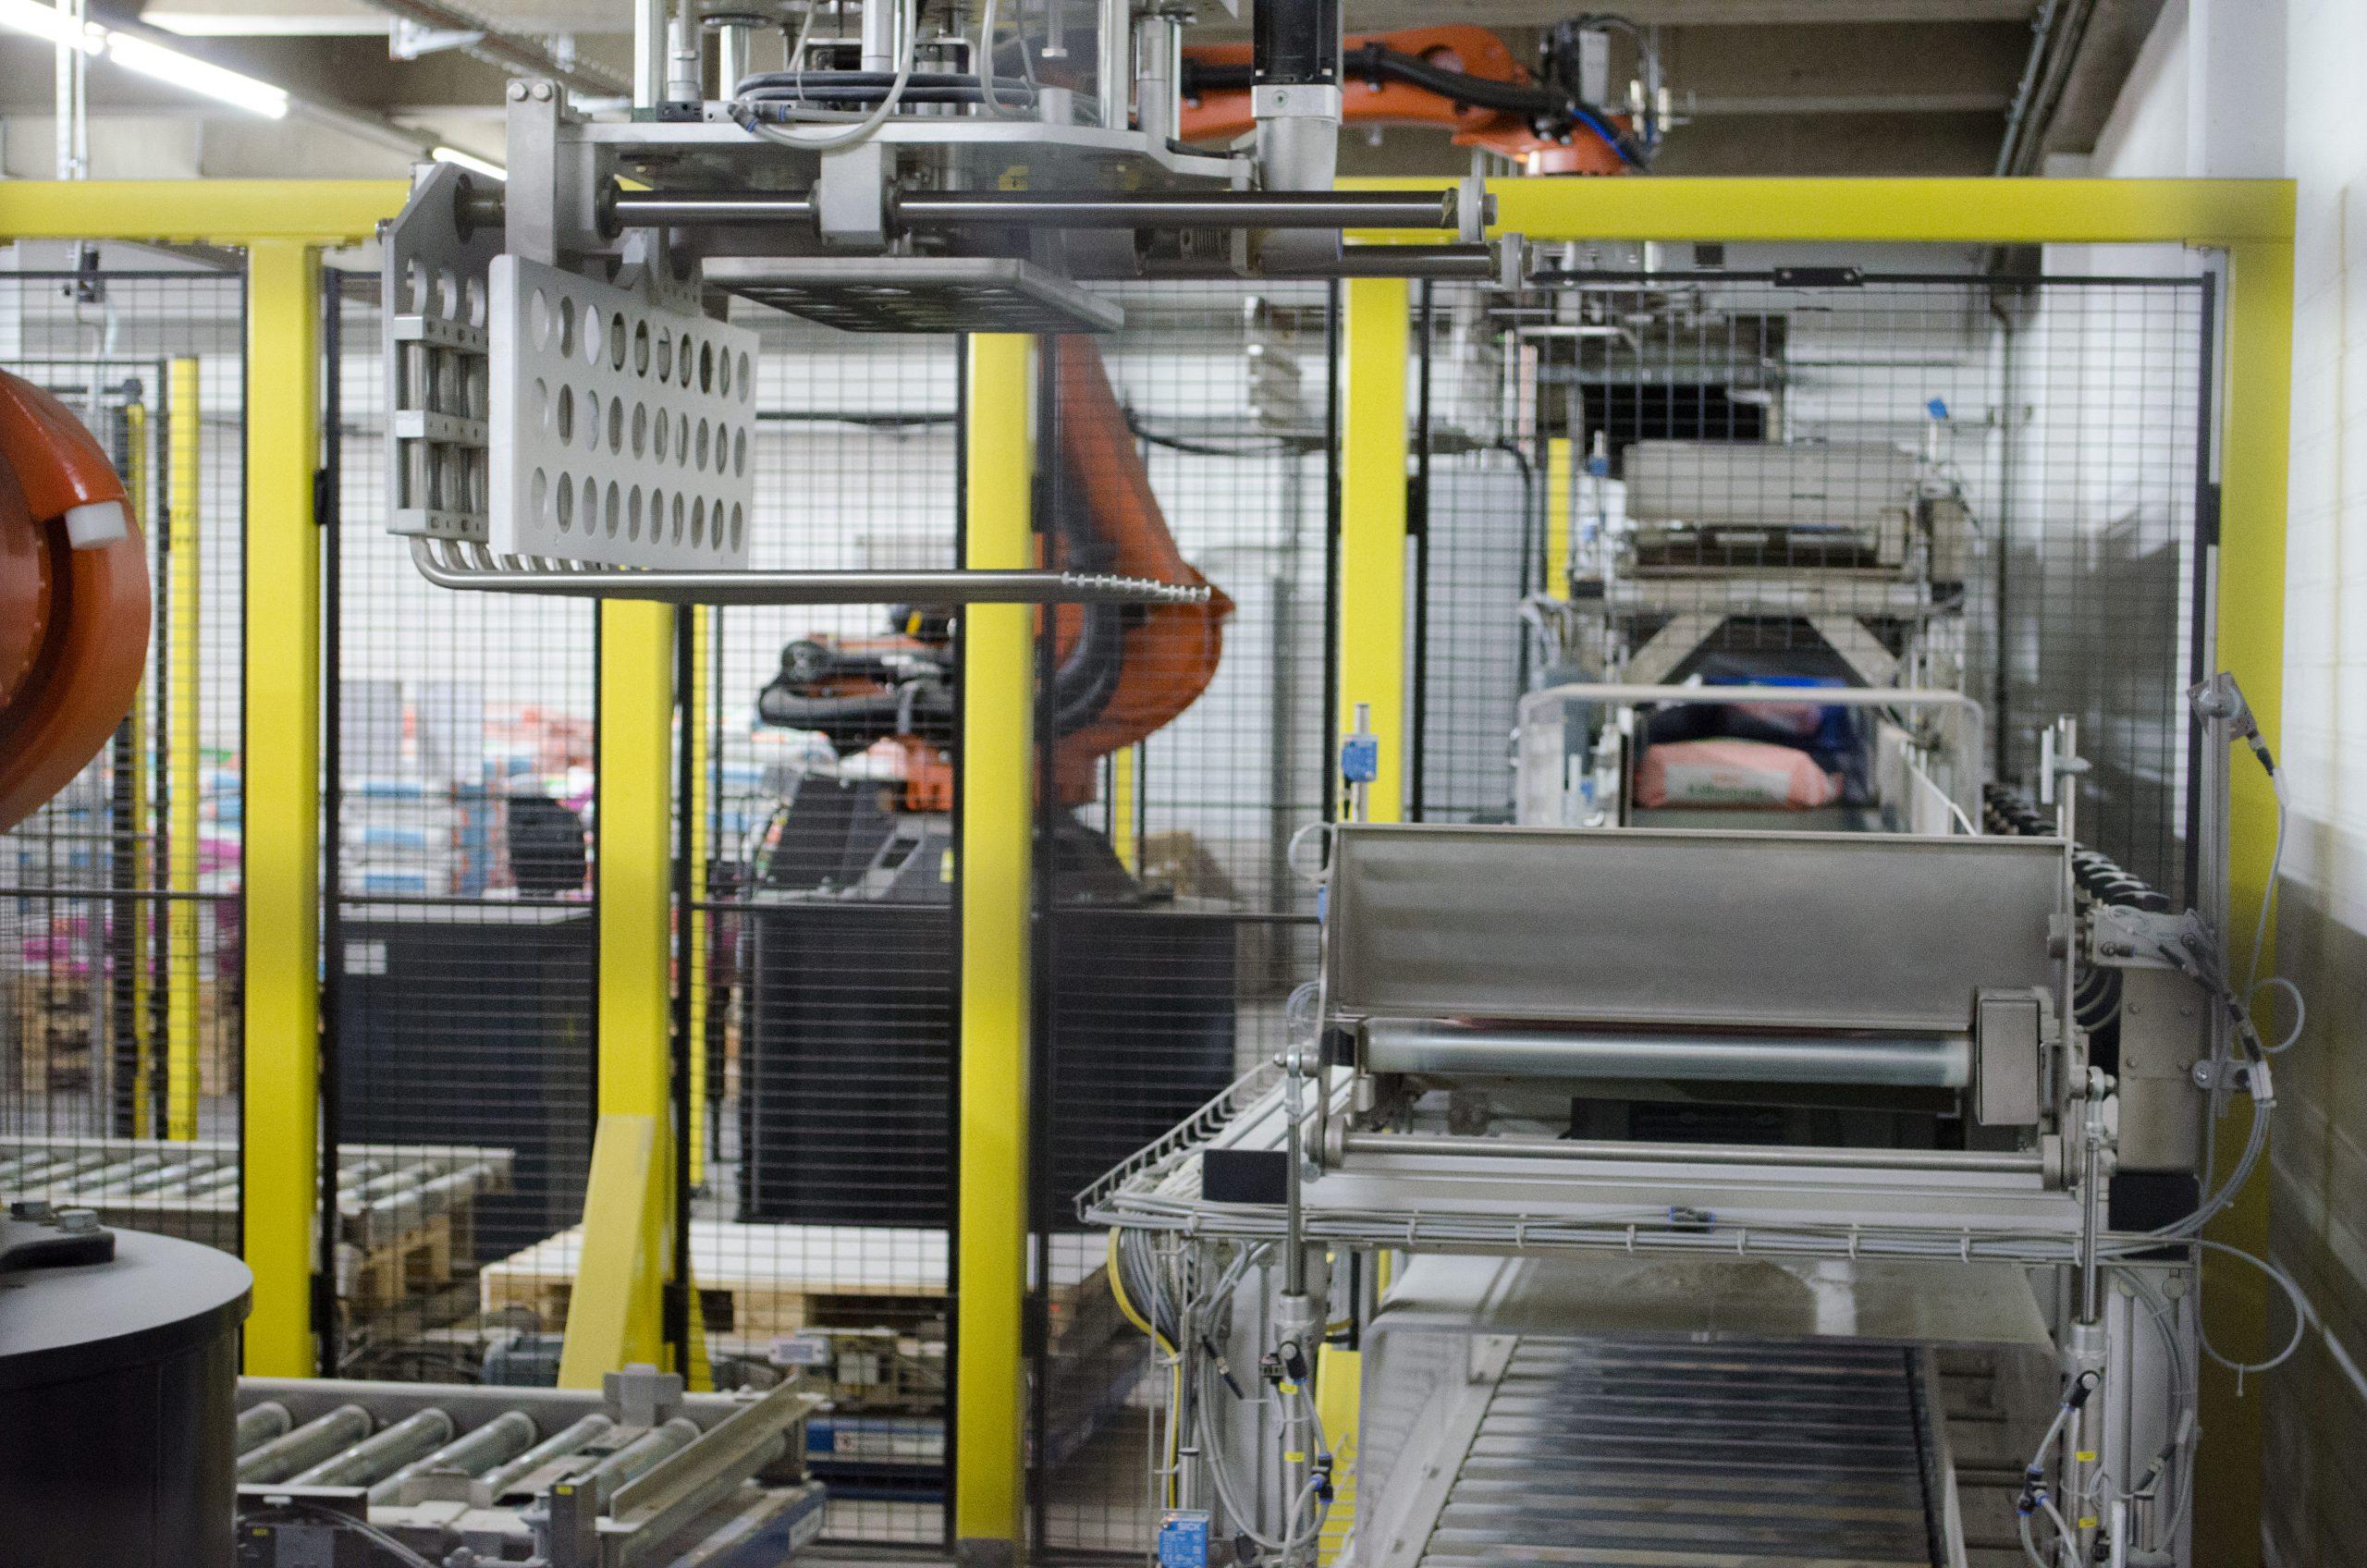 Planung der Intralogistik im Rahmen einer Werkserweiterung (Futtermittelindustrie)